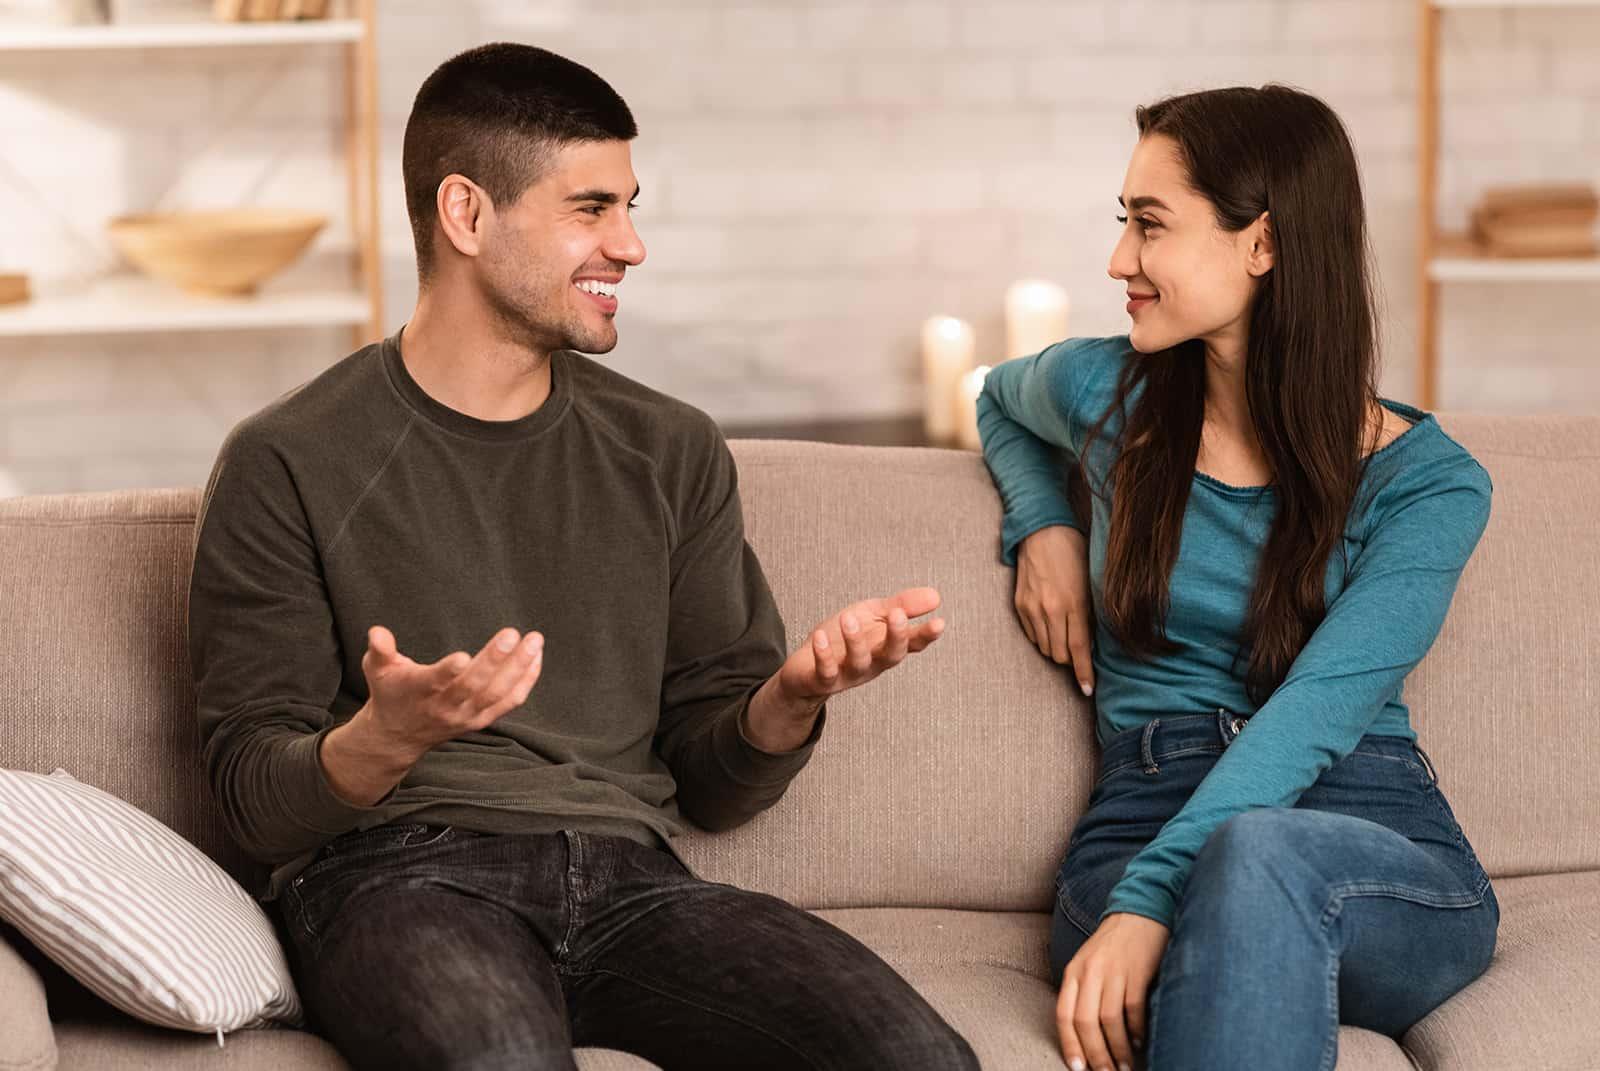 Ein Mann und eine Frau unterhalten sich auf der Couch